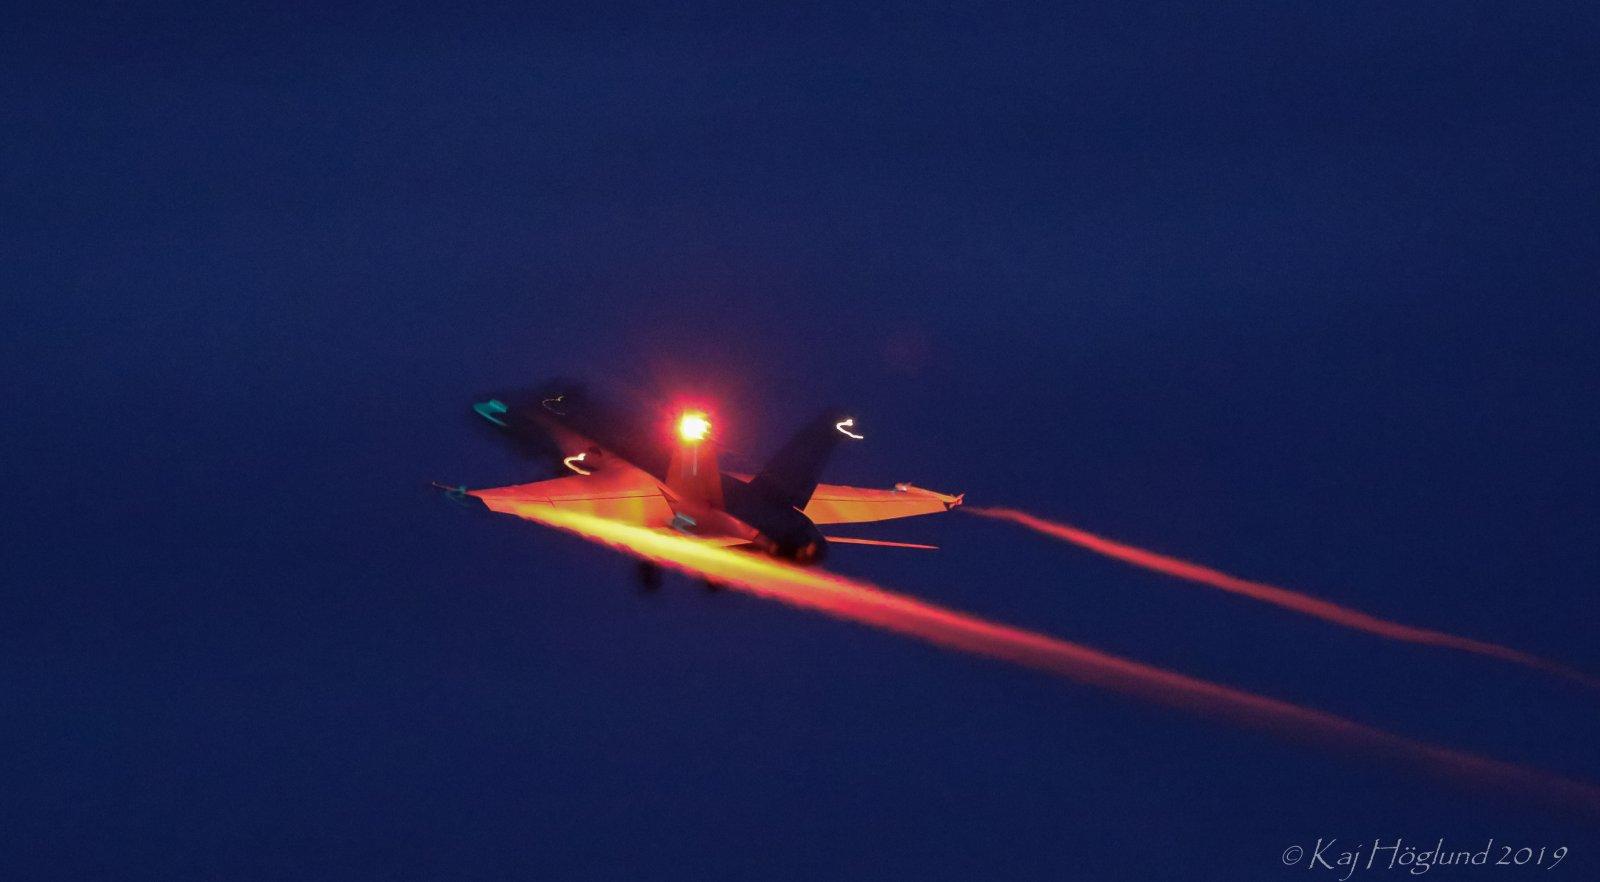 Hornet katosi yön pimeyteen palatakseen pian takaisin